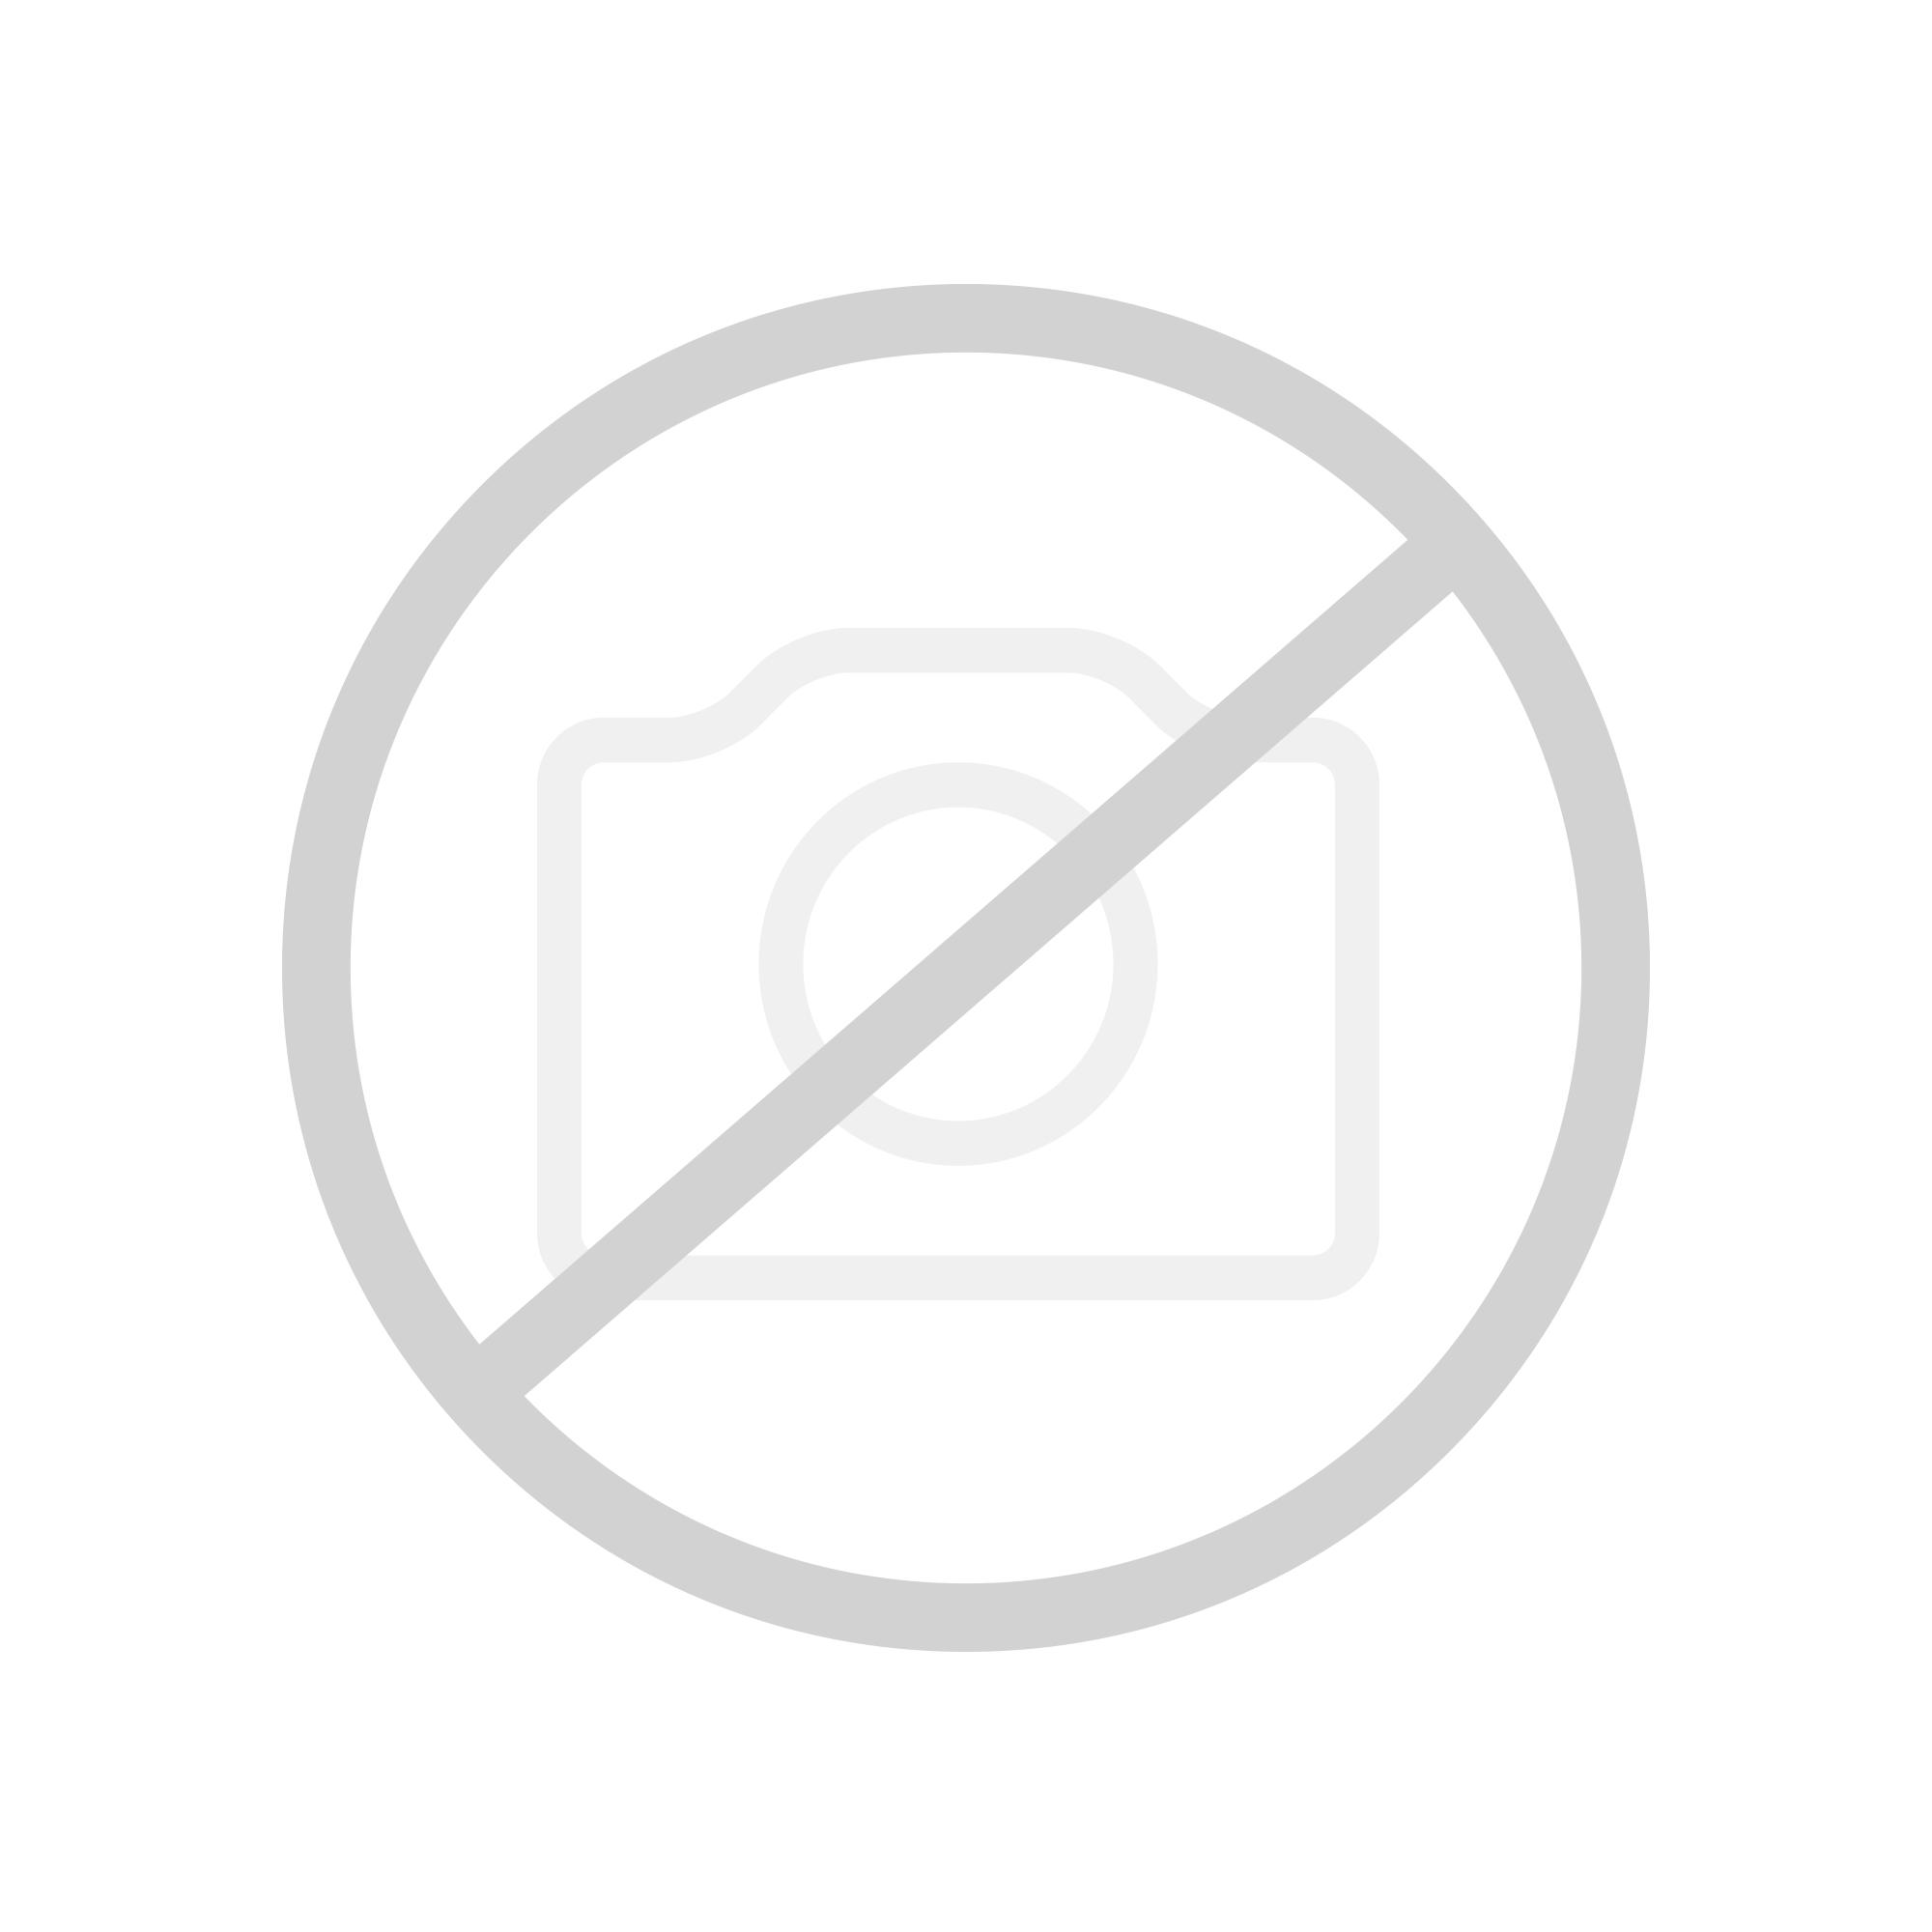 Hansgrohe Ecostat Comfort Wannenthermostat Aufputz